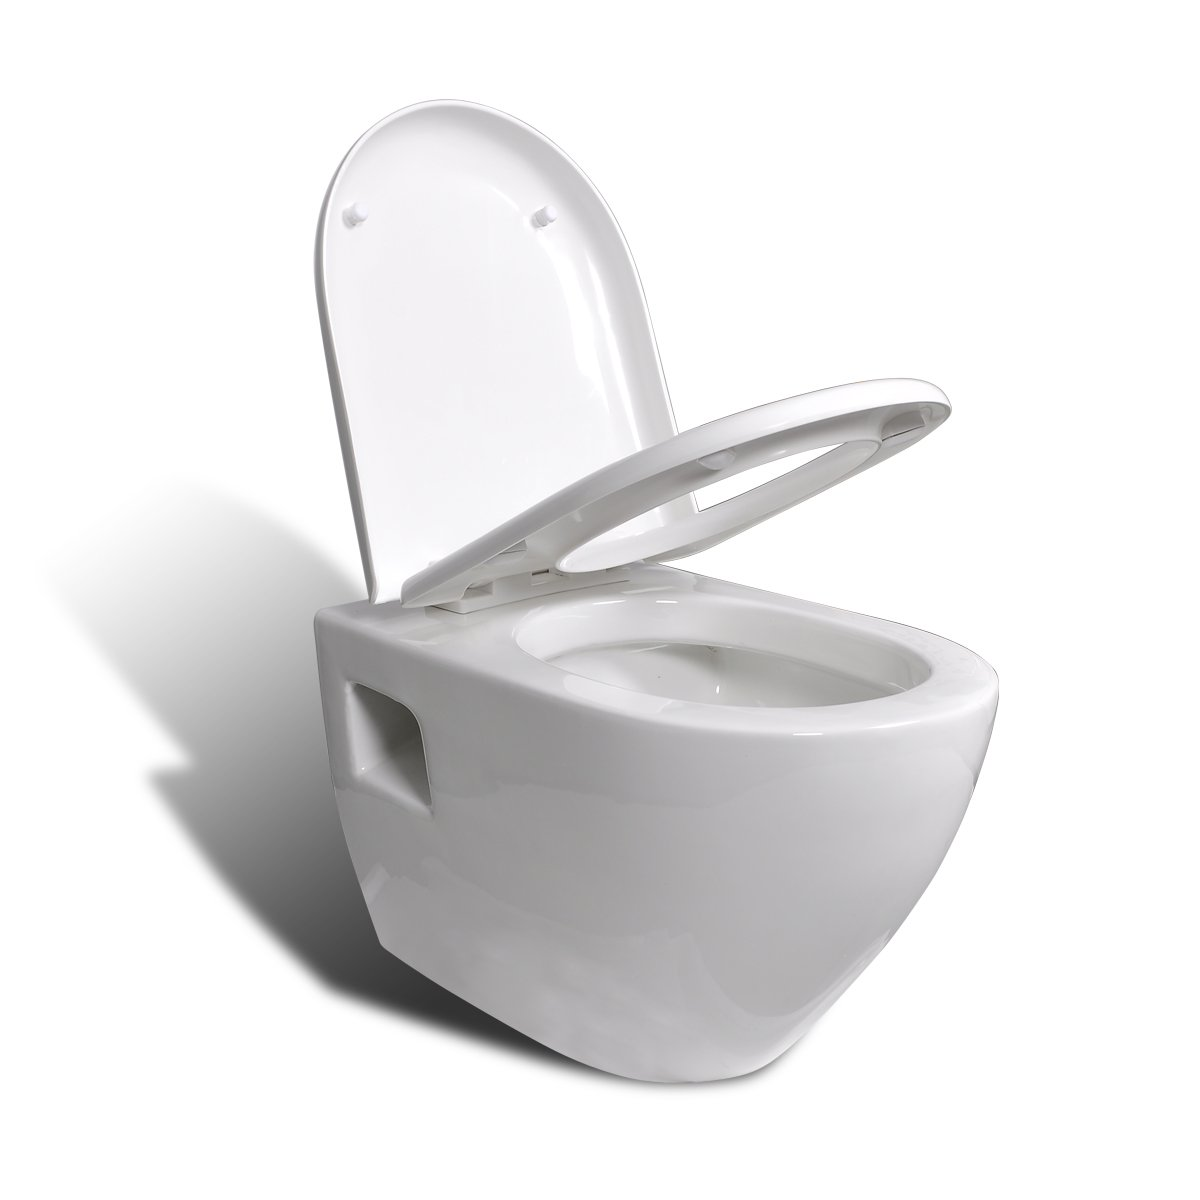 EDLE DESIGN WANDHÄNGE WC/TOILETTE INKL. SOFT CLOSE WC SITZ WEIß NEU   Überprüfung und Beschreibung